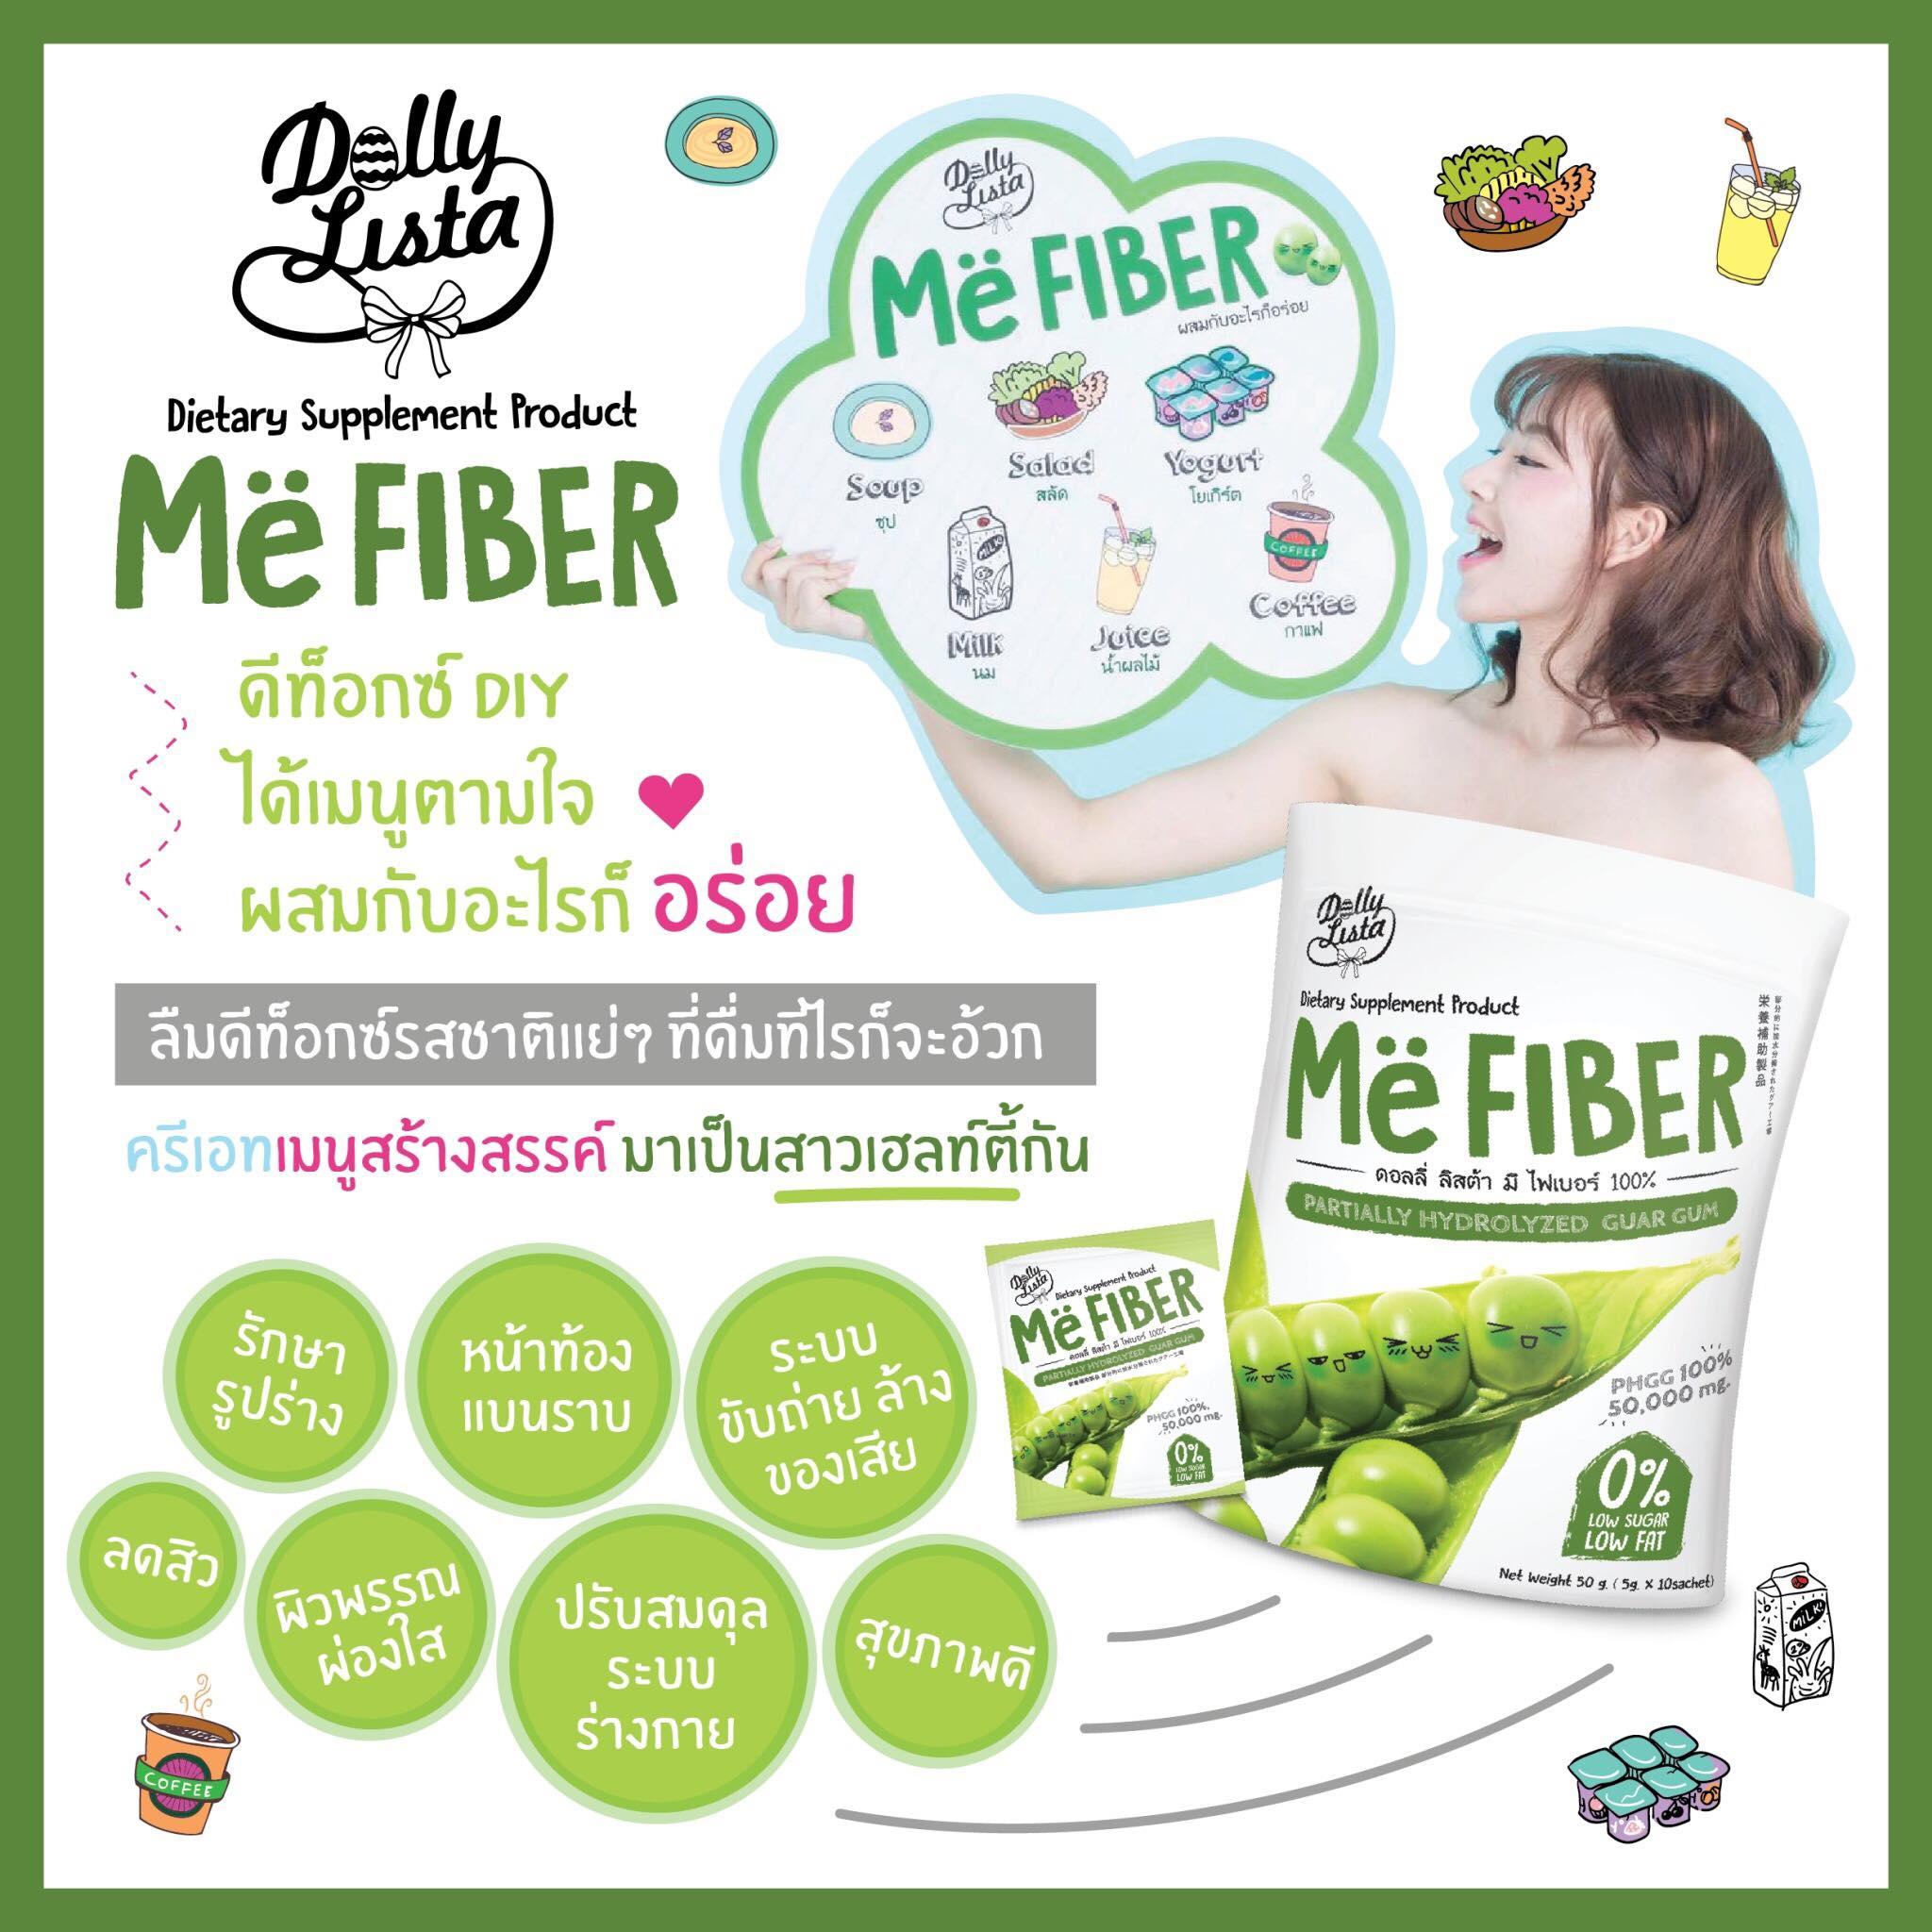 ดอลลี่ มีไฟเบอร์ (Dolly Me fiber)